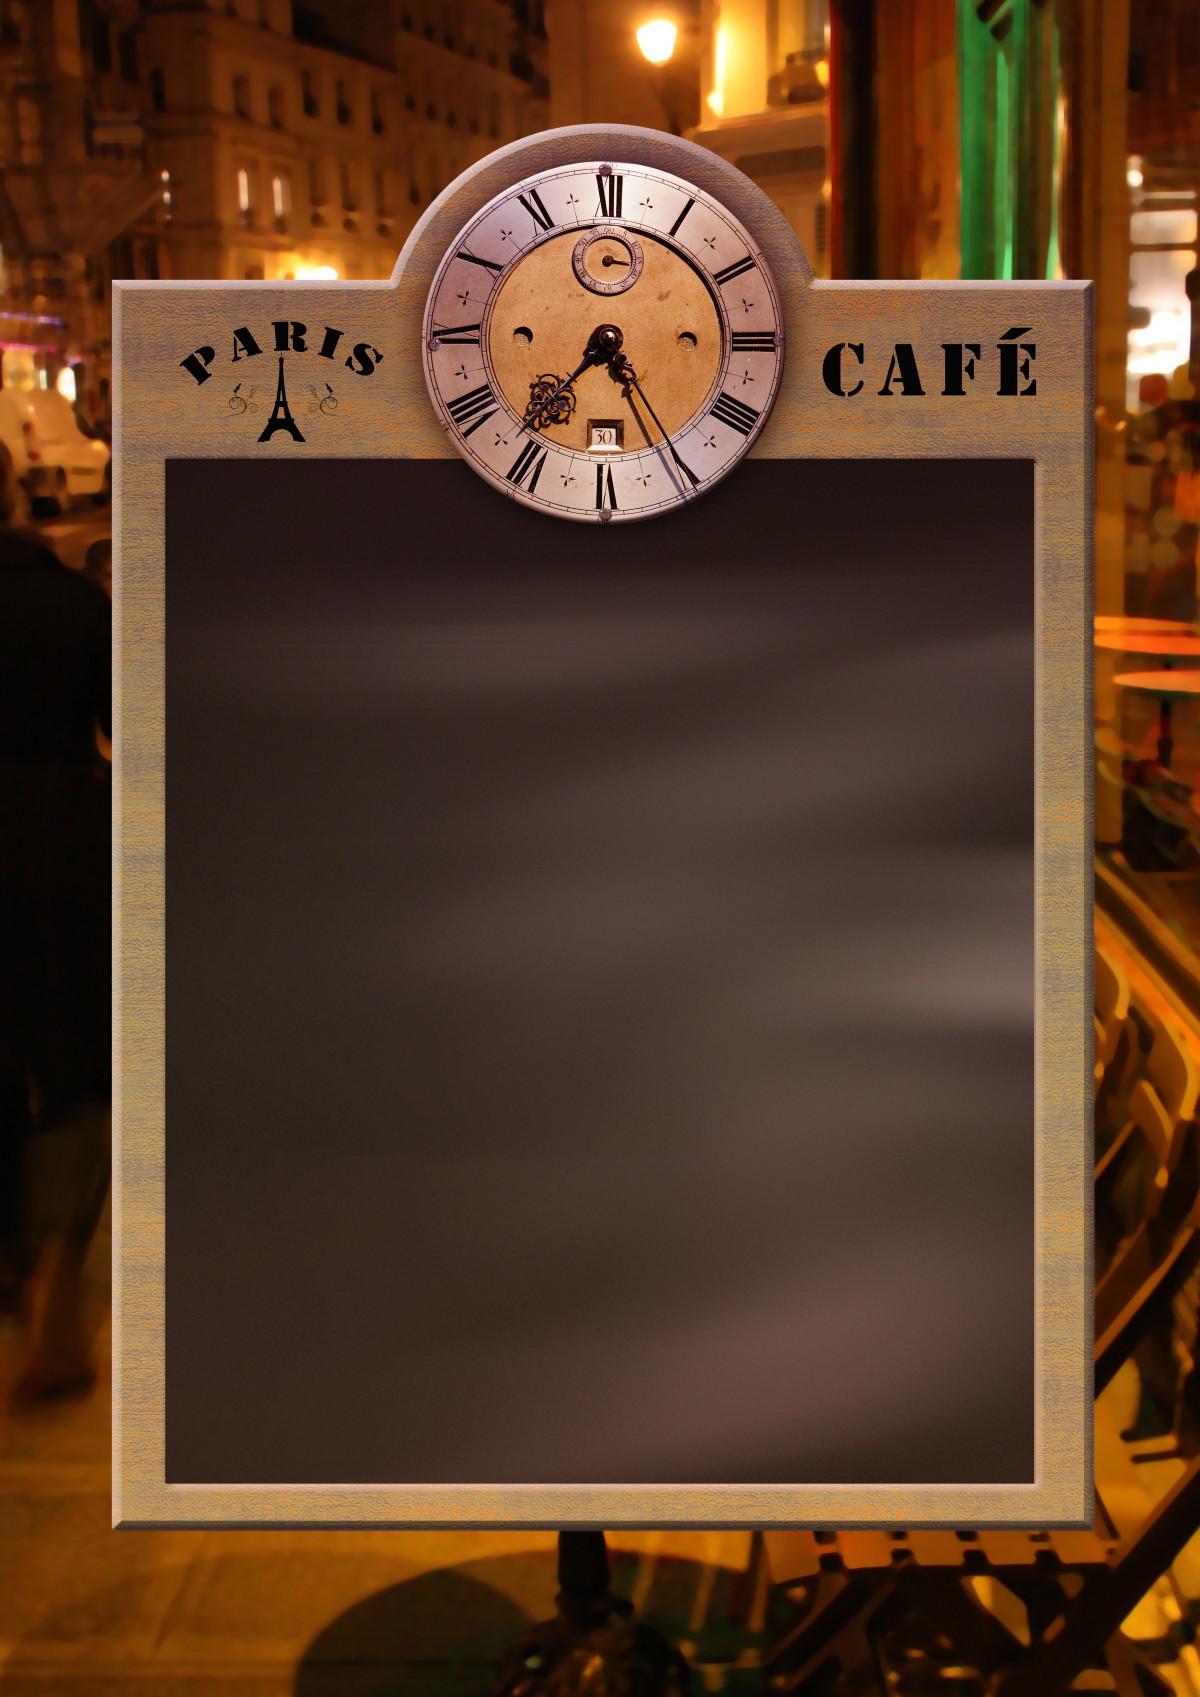 The Clock Bar Cafe